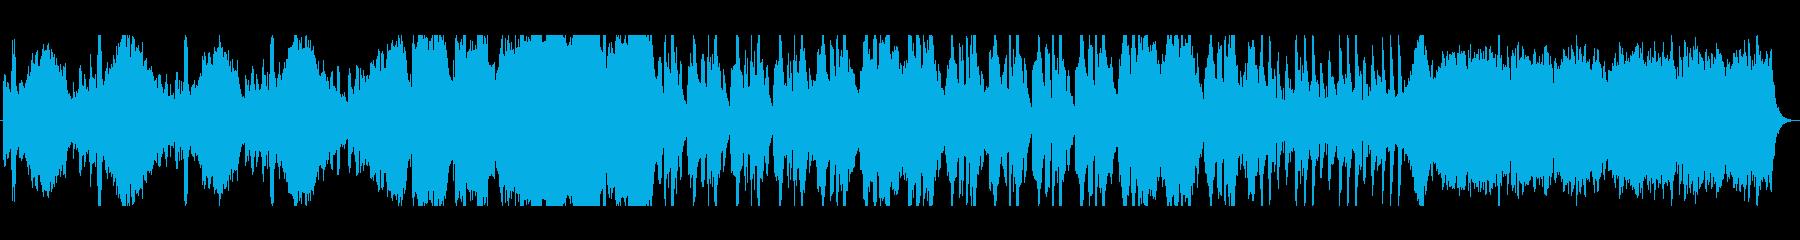 ダイナミックでエネルギッシュなオー...の再生済みの波形